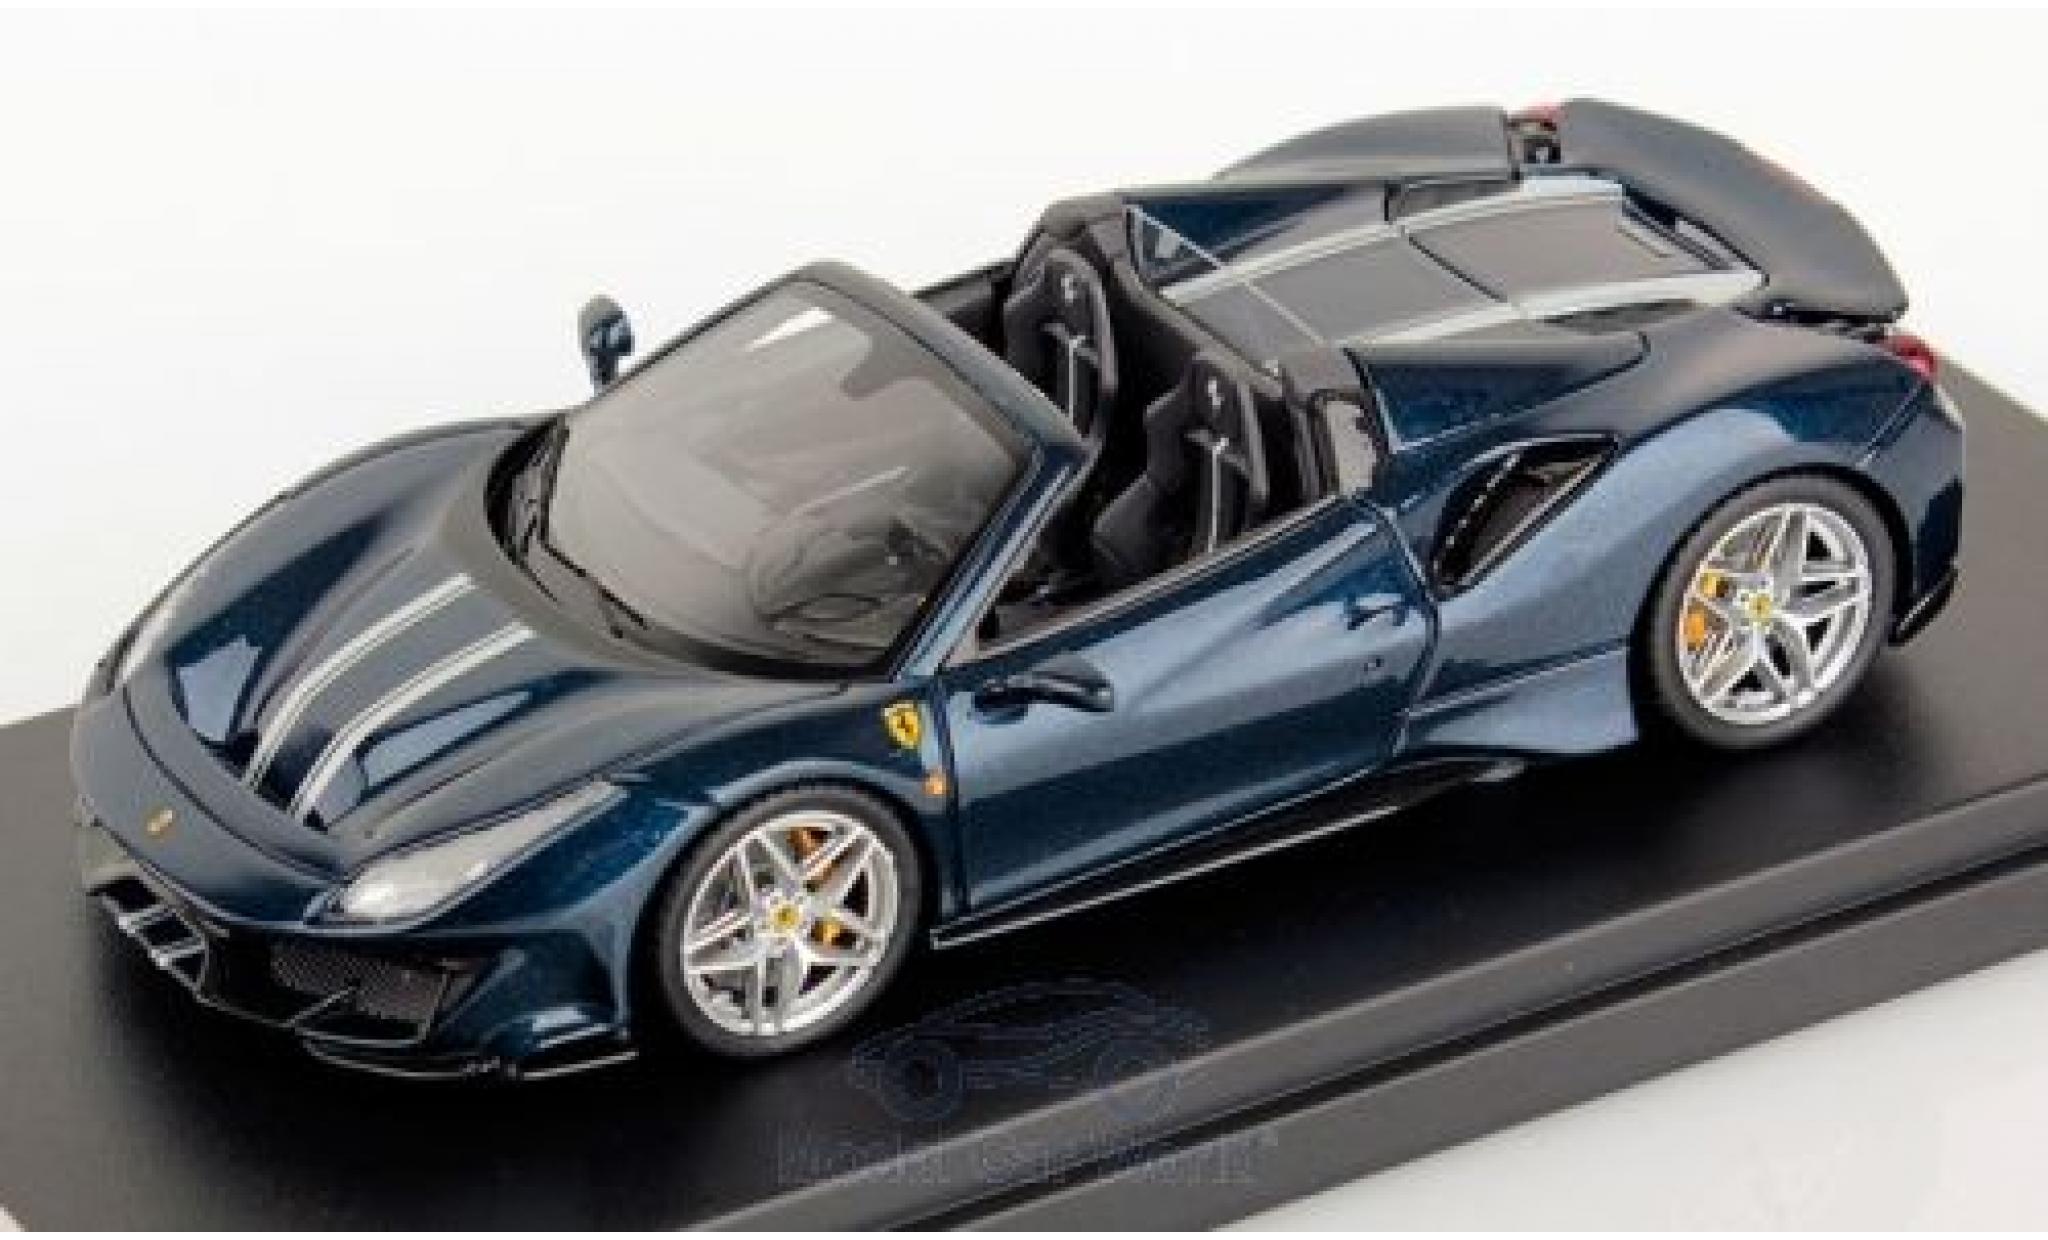 Ferrari 488 1/43 Look Smart Pista Spider metallise blau/Dekor 2018